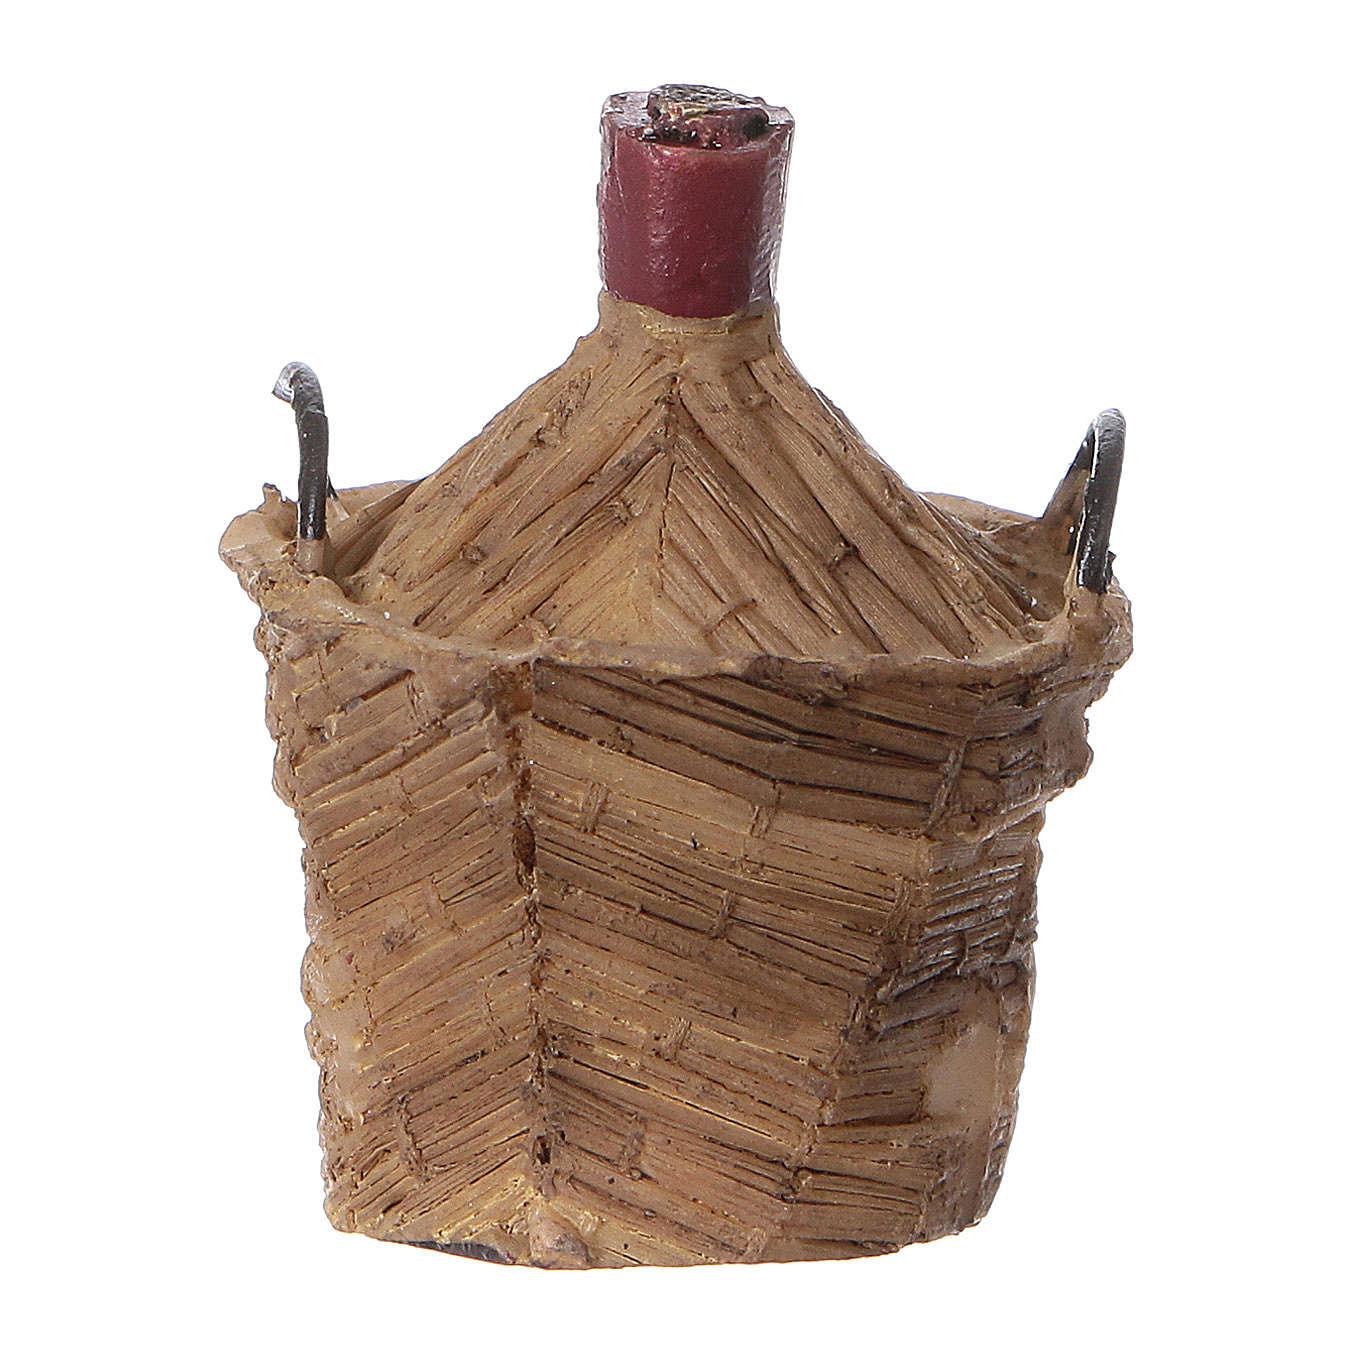 Gąsior pleciony z żywicy 5x5x5 cm 4